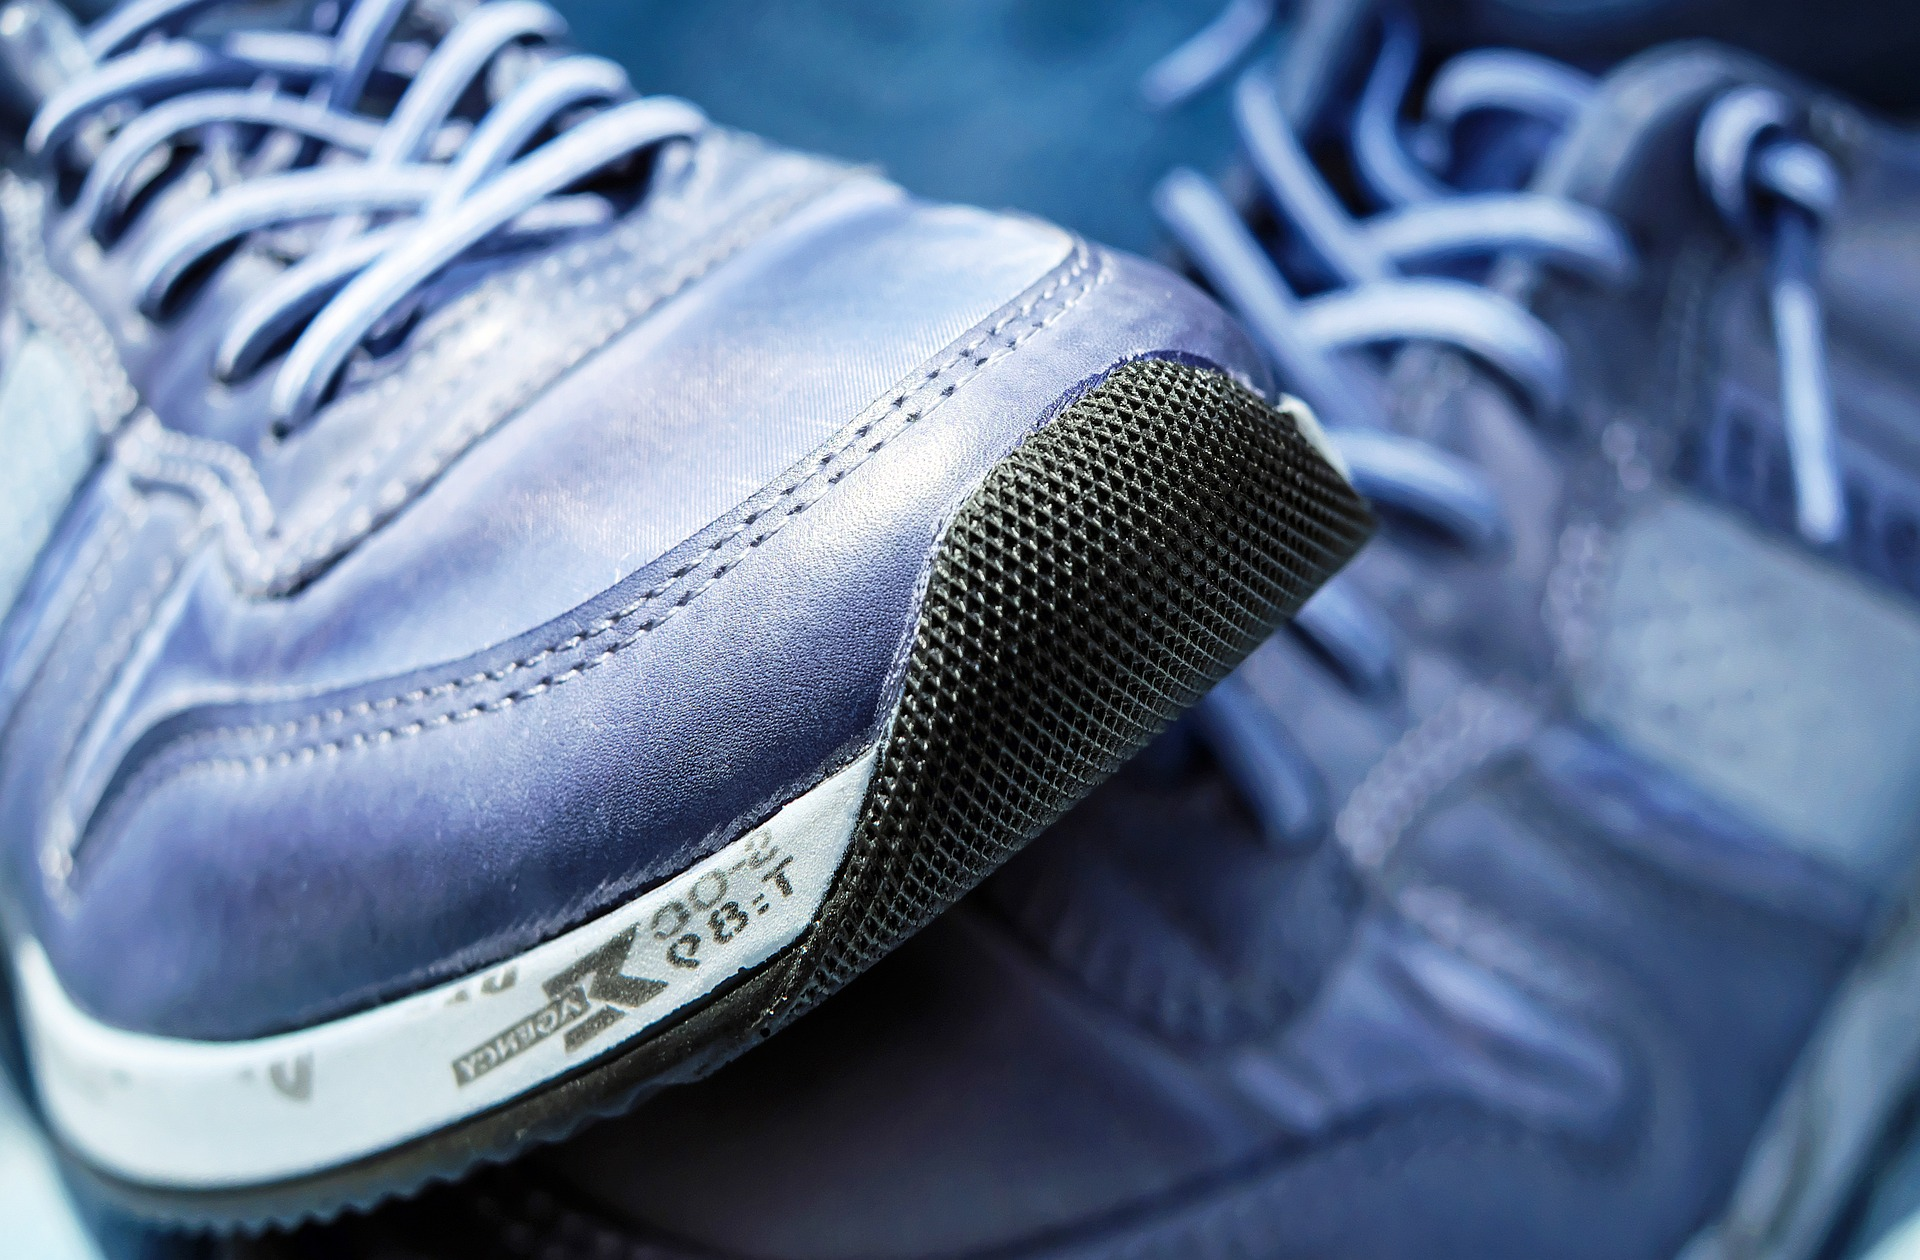 Para comprar un par de zapatillas se necesitan casi 95 horas de trabajo